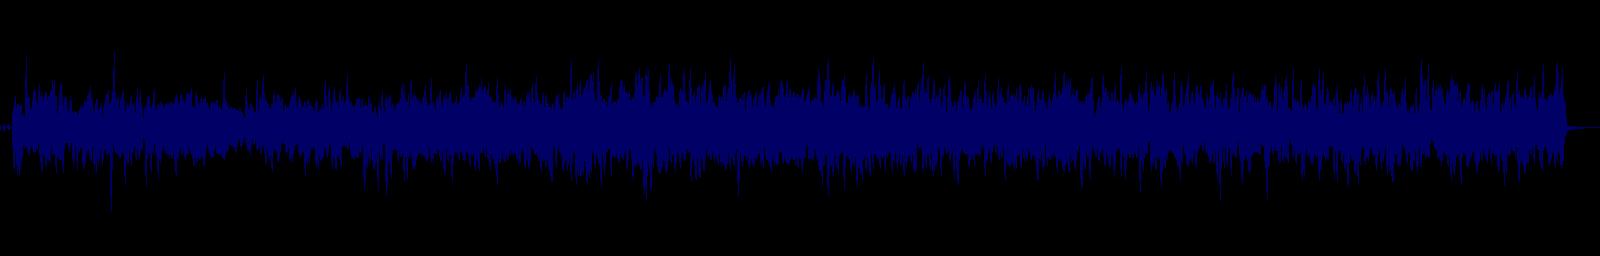 waveform of track #134454